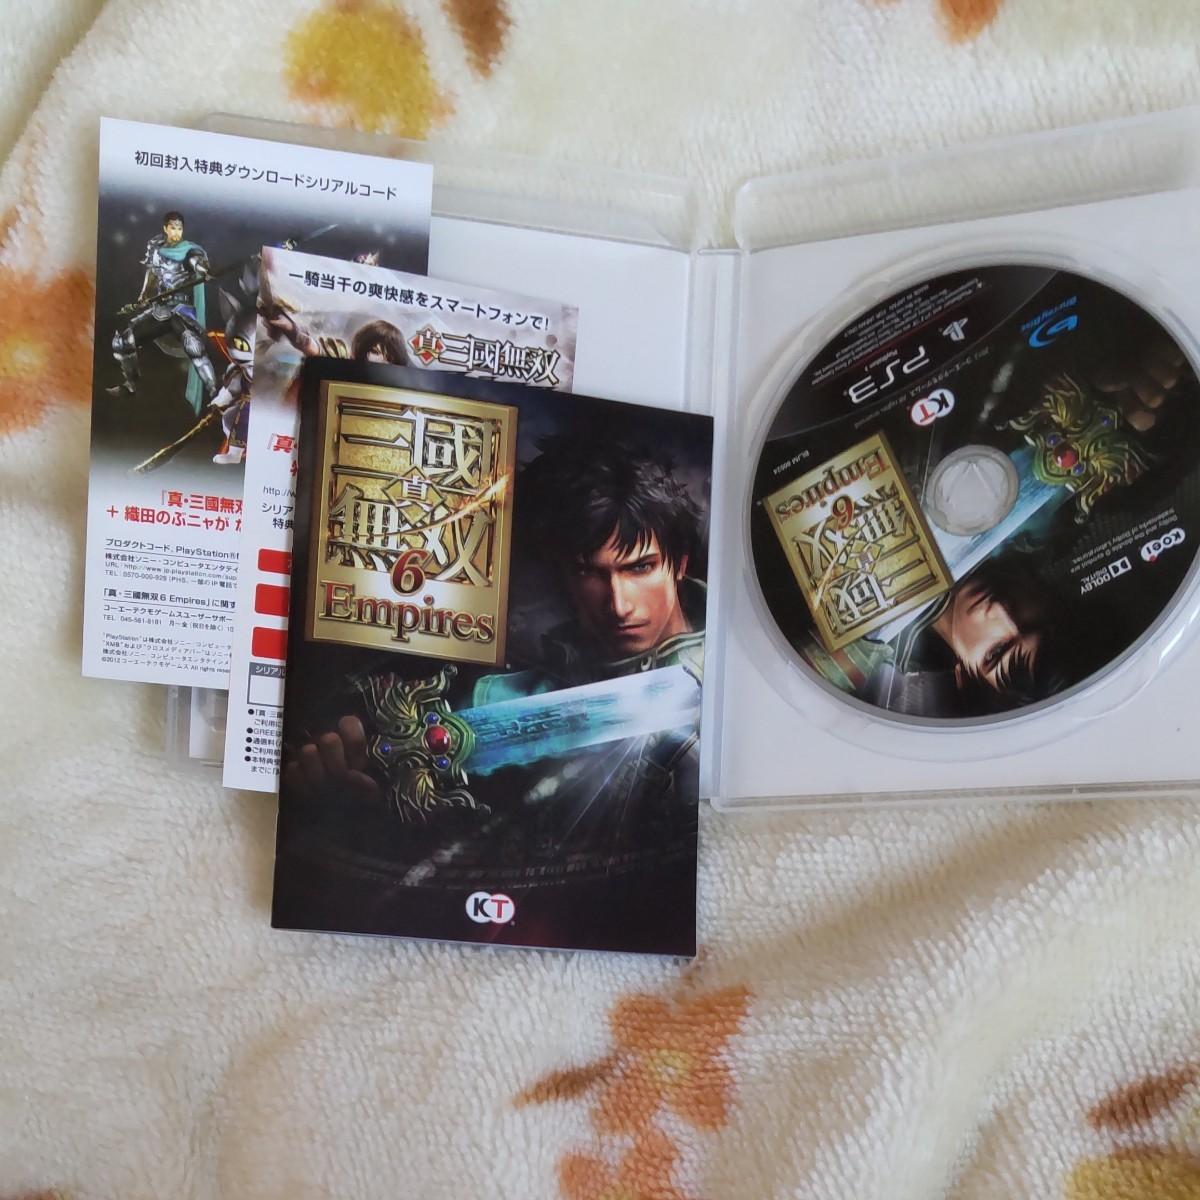 戦国BASARA3宴 真・三國無双6Empires PS3ソフト 2本セット